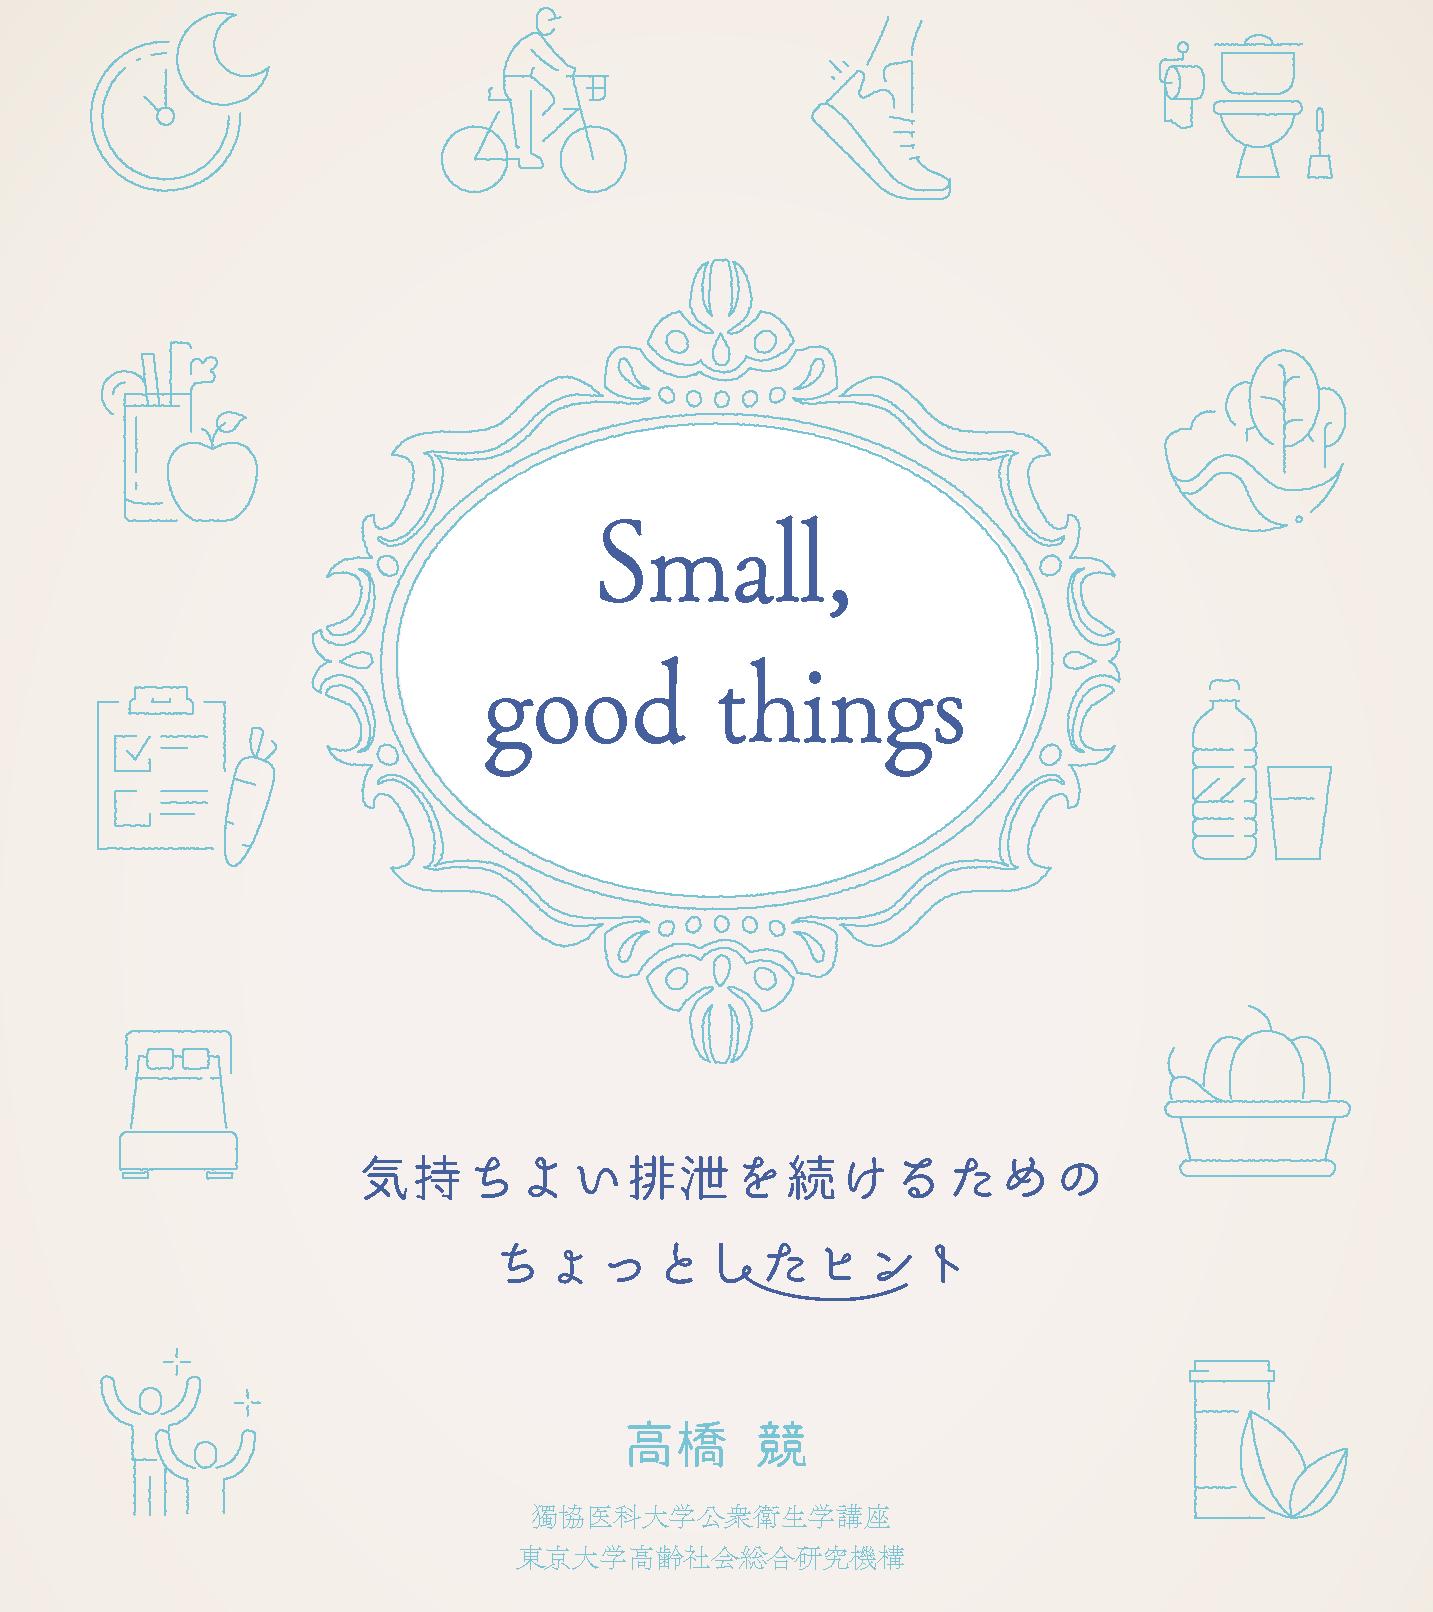 Small, good things ~気持ちよい排泄を続けるためのちょっとしたヒント~